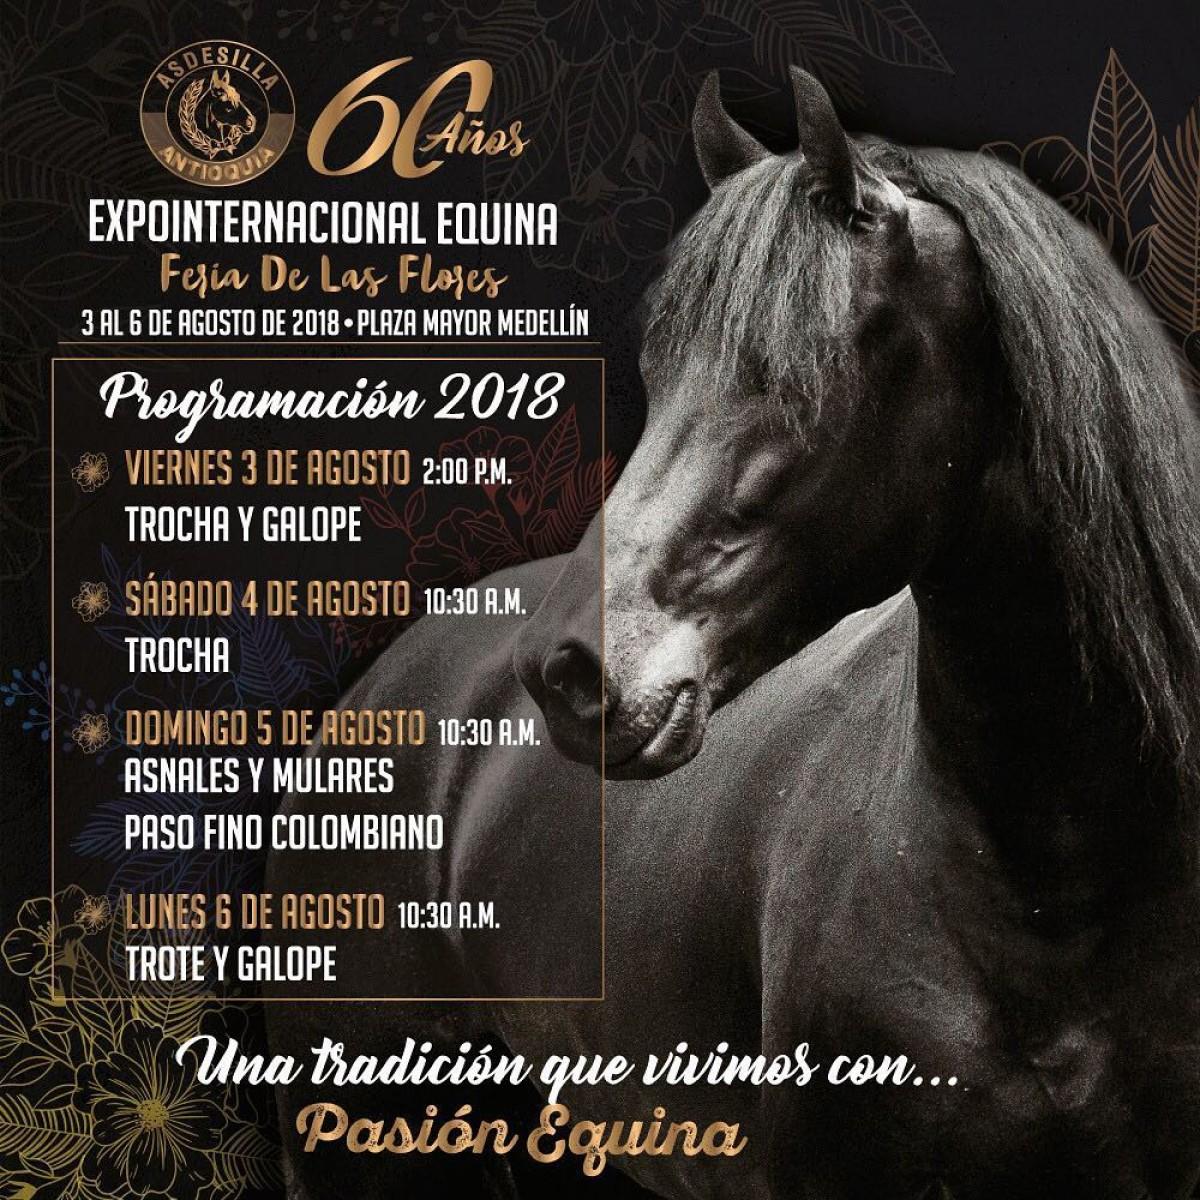 Prográmese Para La Expointernacional Equina Feria De Flores en sus 60 años